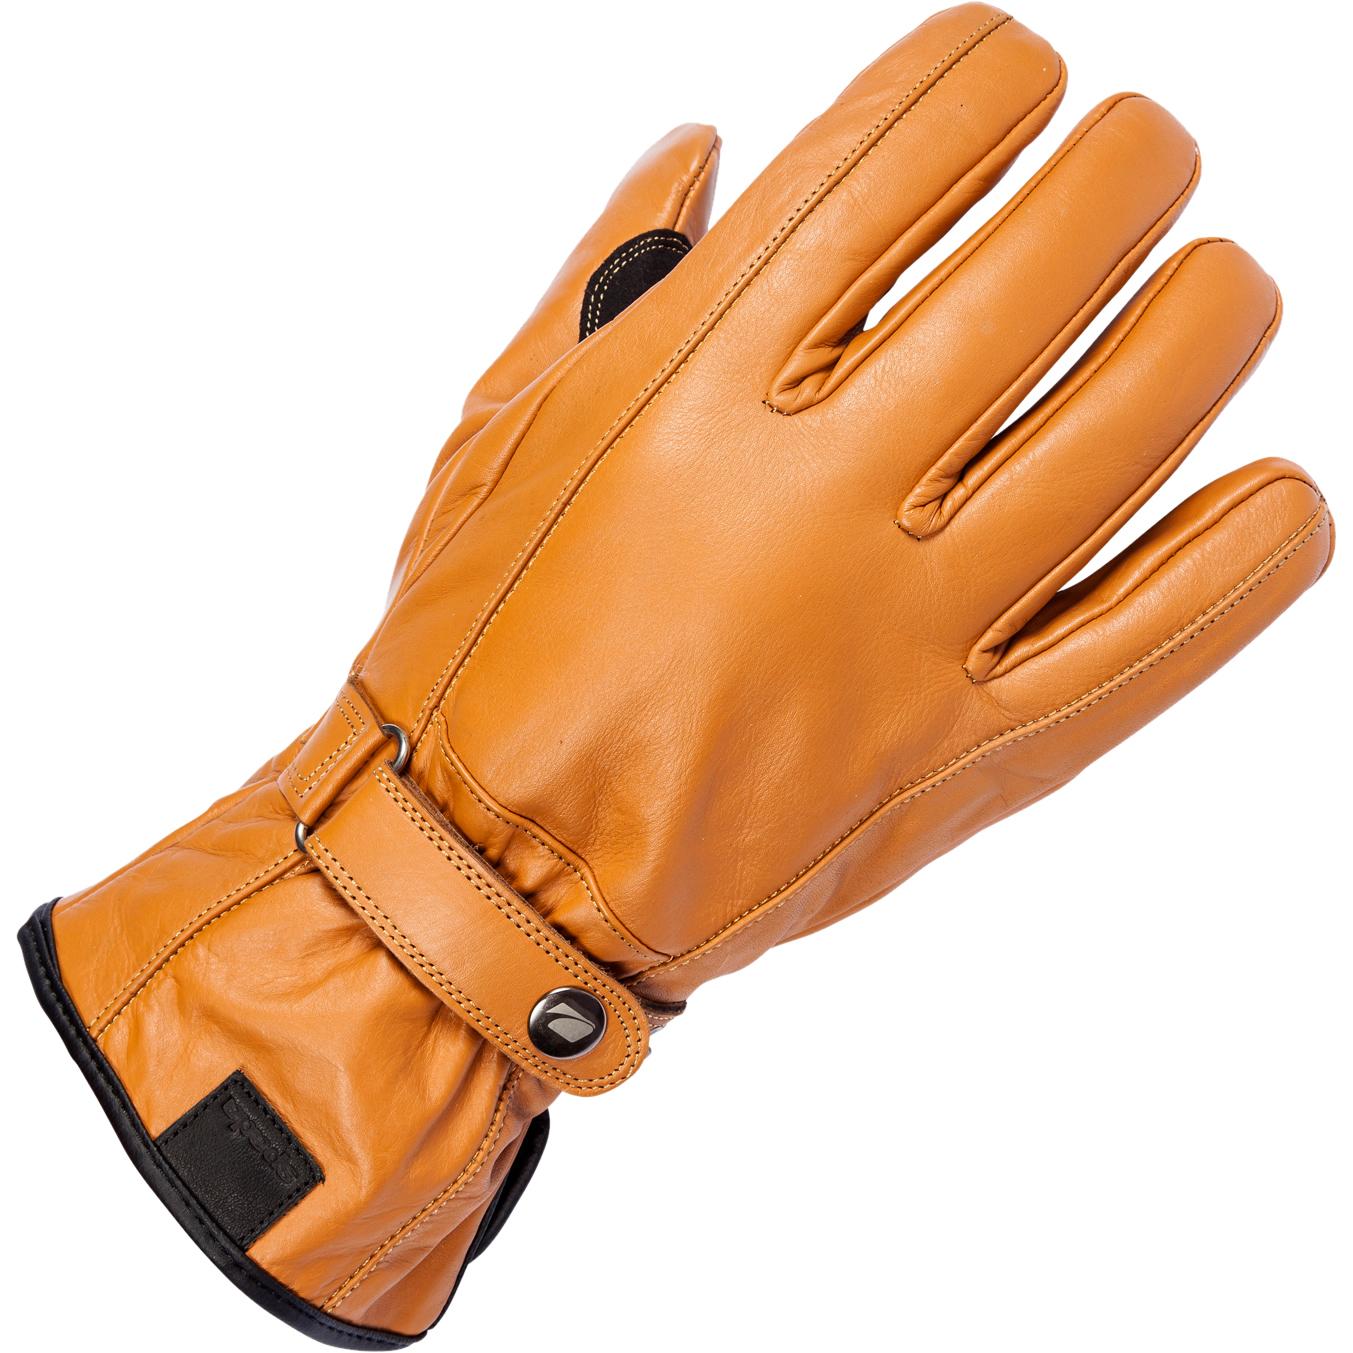 Motorcycle gloves cruiser - Spada Freeride Leather Motorcycle Gloves Waterproof Cruiser Touring